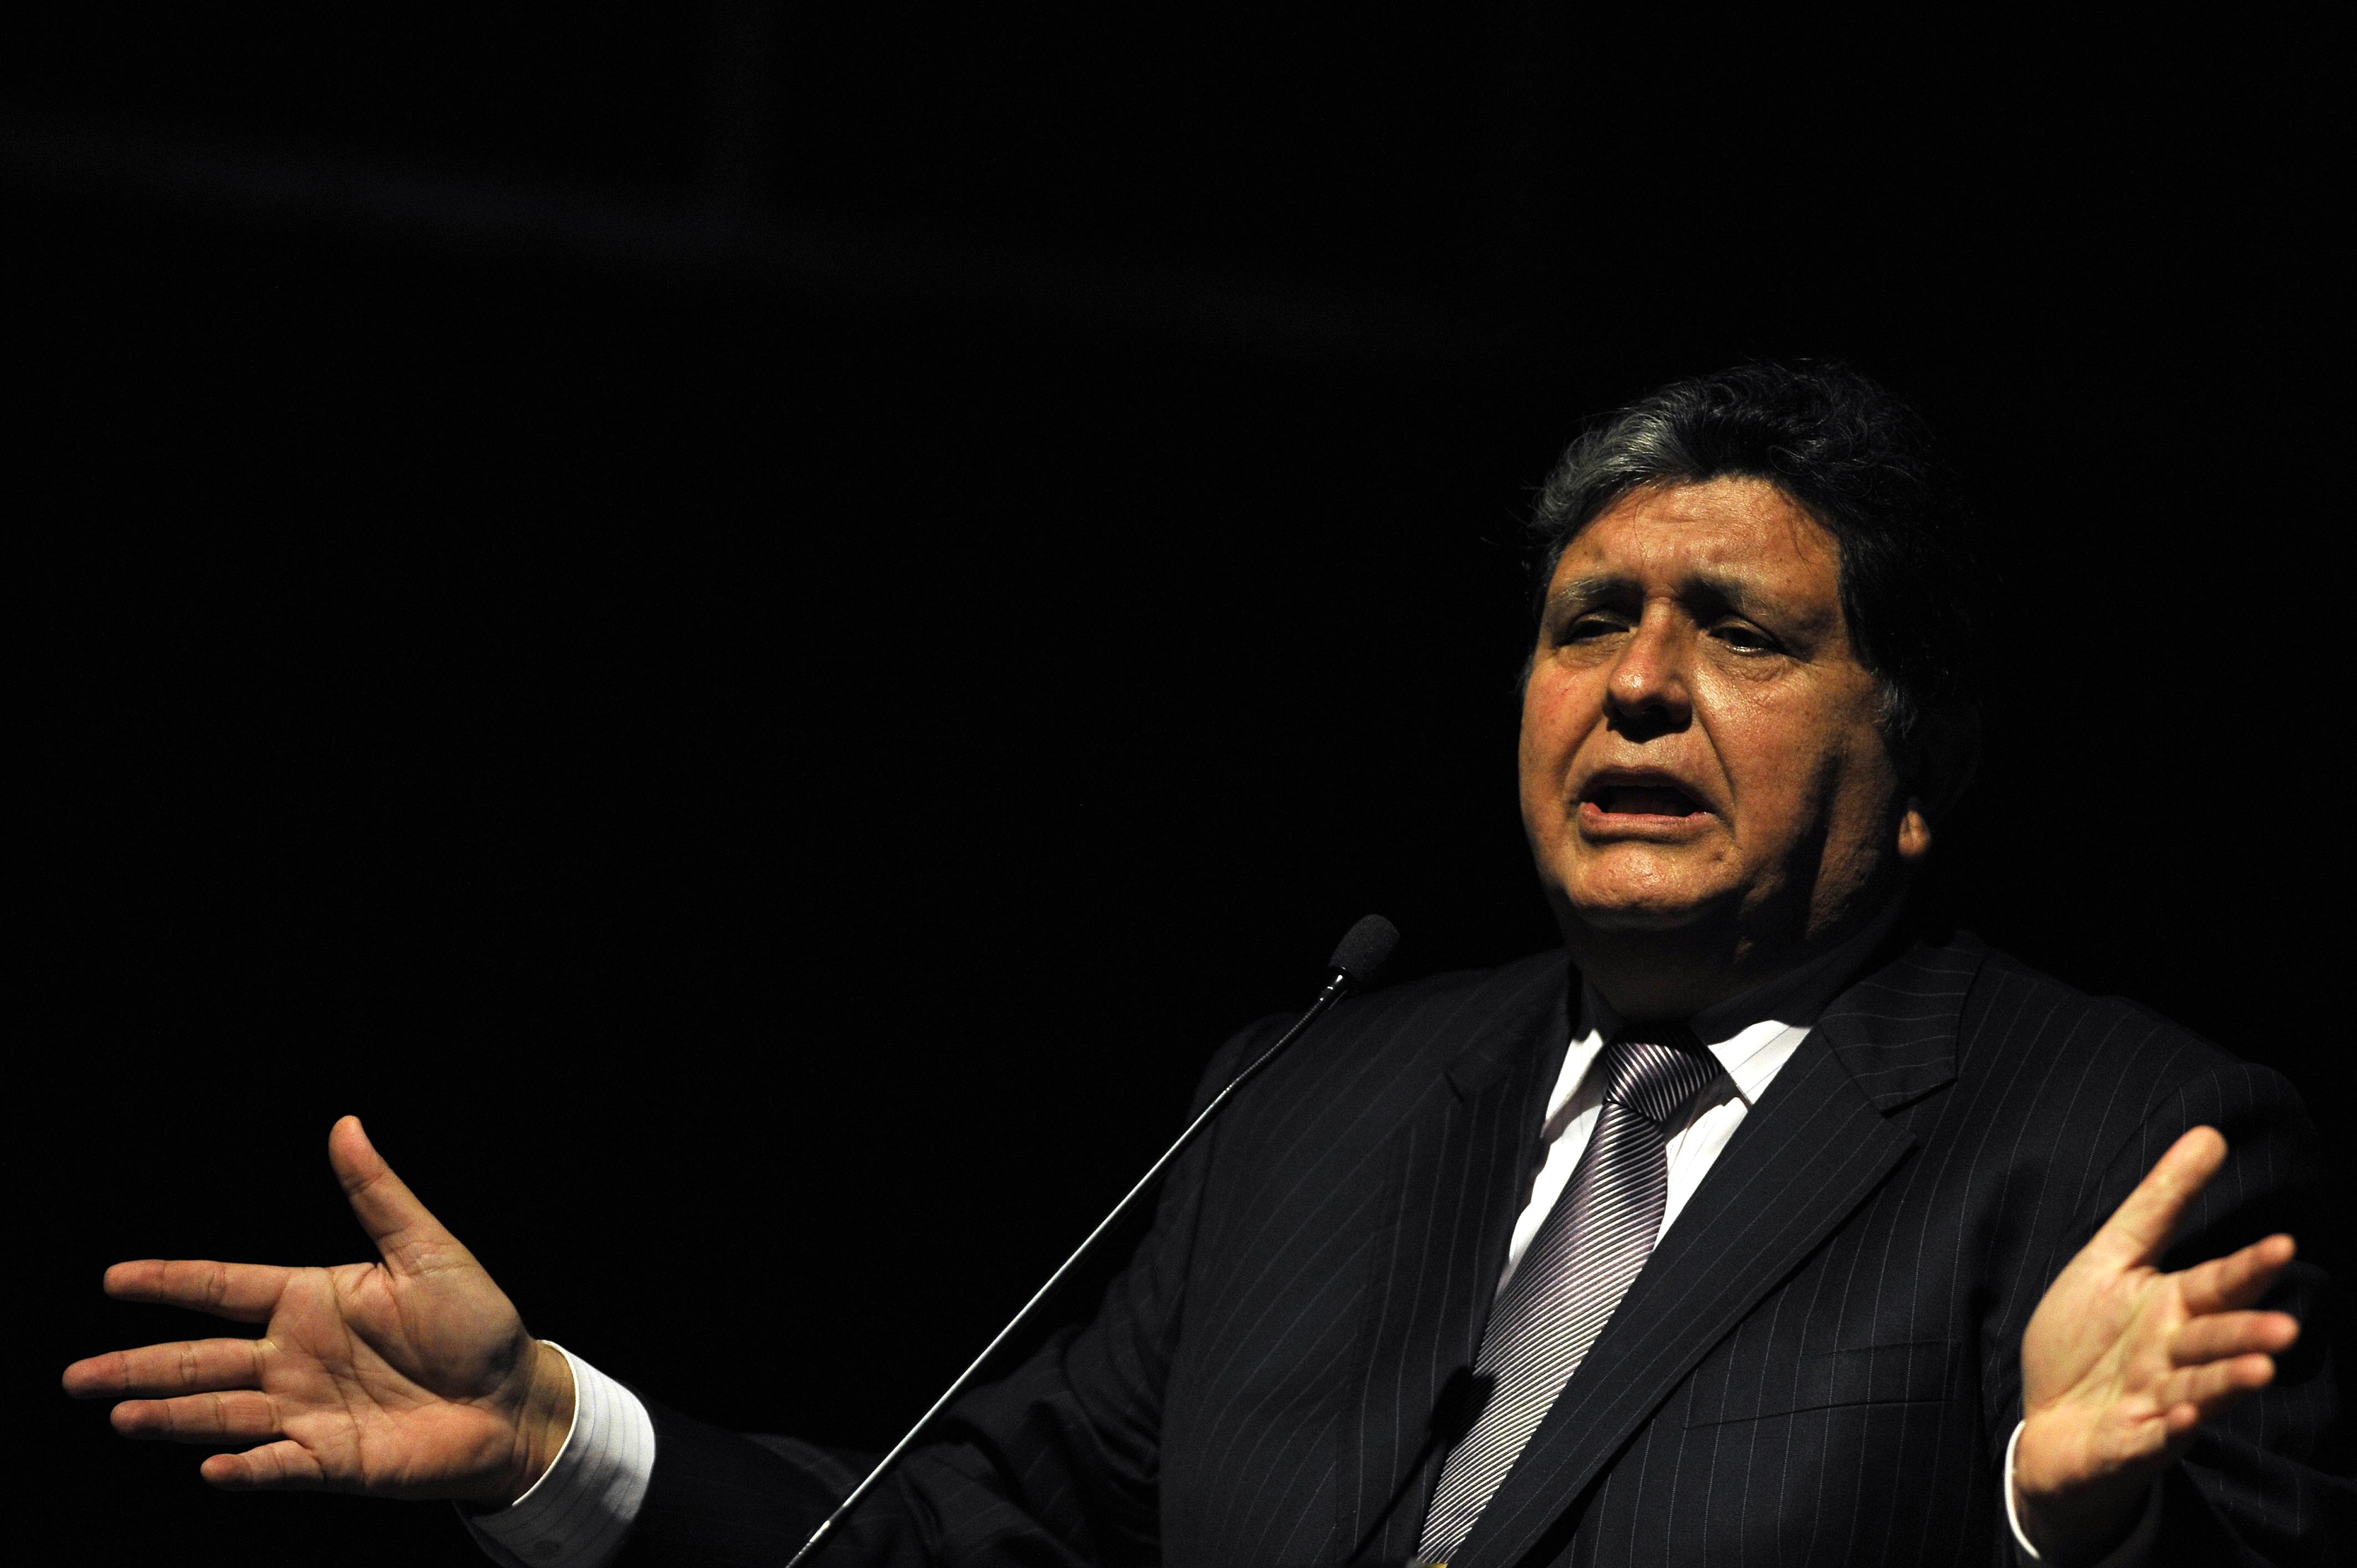 秘魯前總統阿蘭·加西亞周三(4月17日)在家中開槍自殺,送醫不治身亡。(LUIS ROBAYO/AFP/Getty Images)